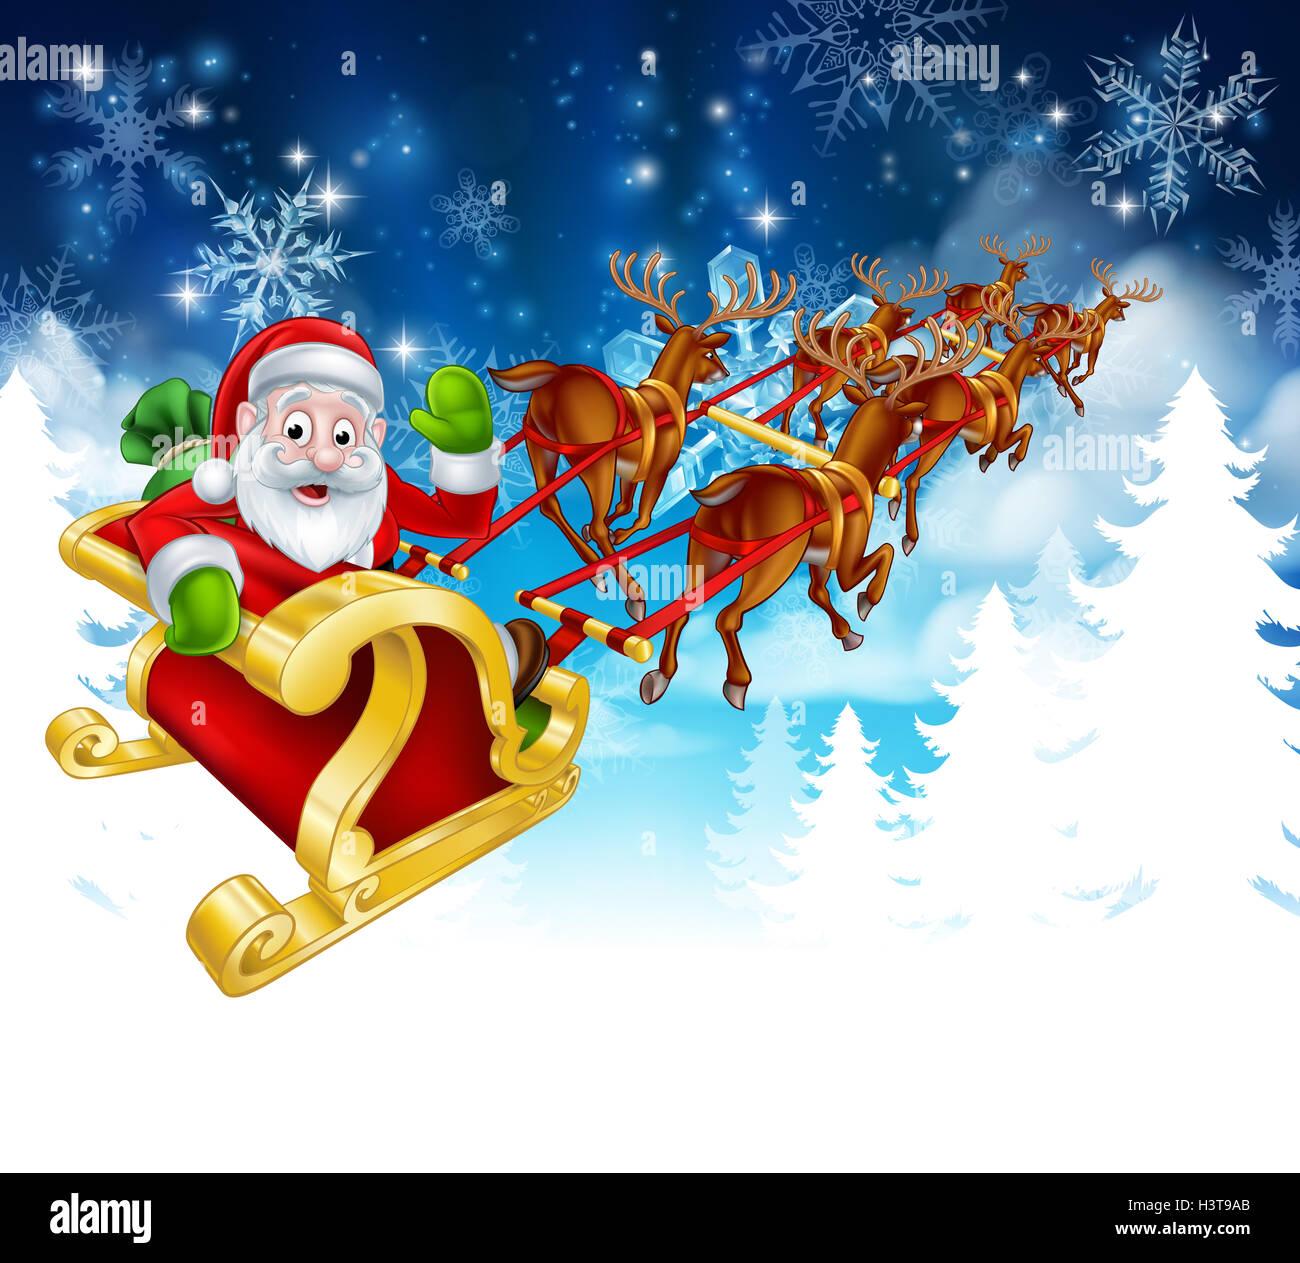 winter christmas scene of cartoon santa in his reindeer sled or